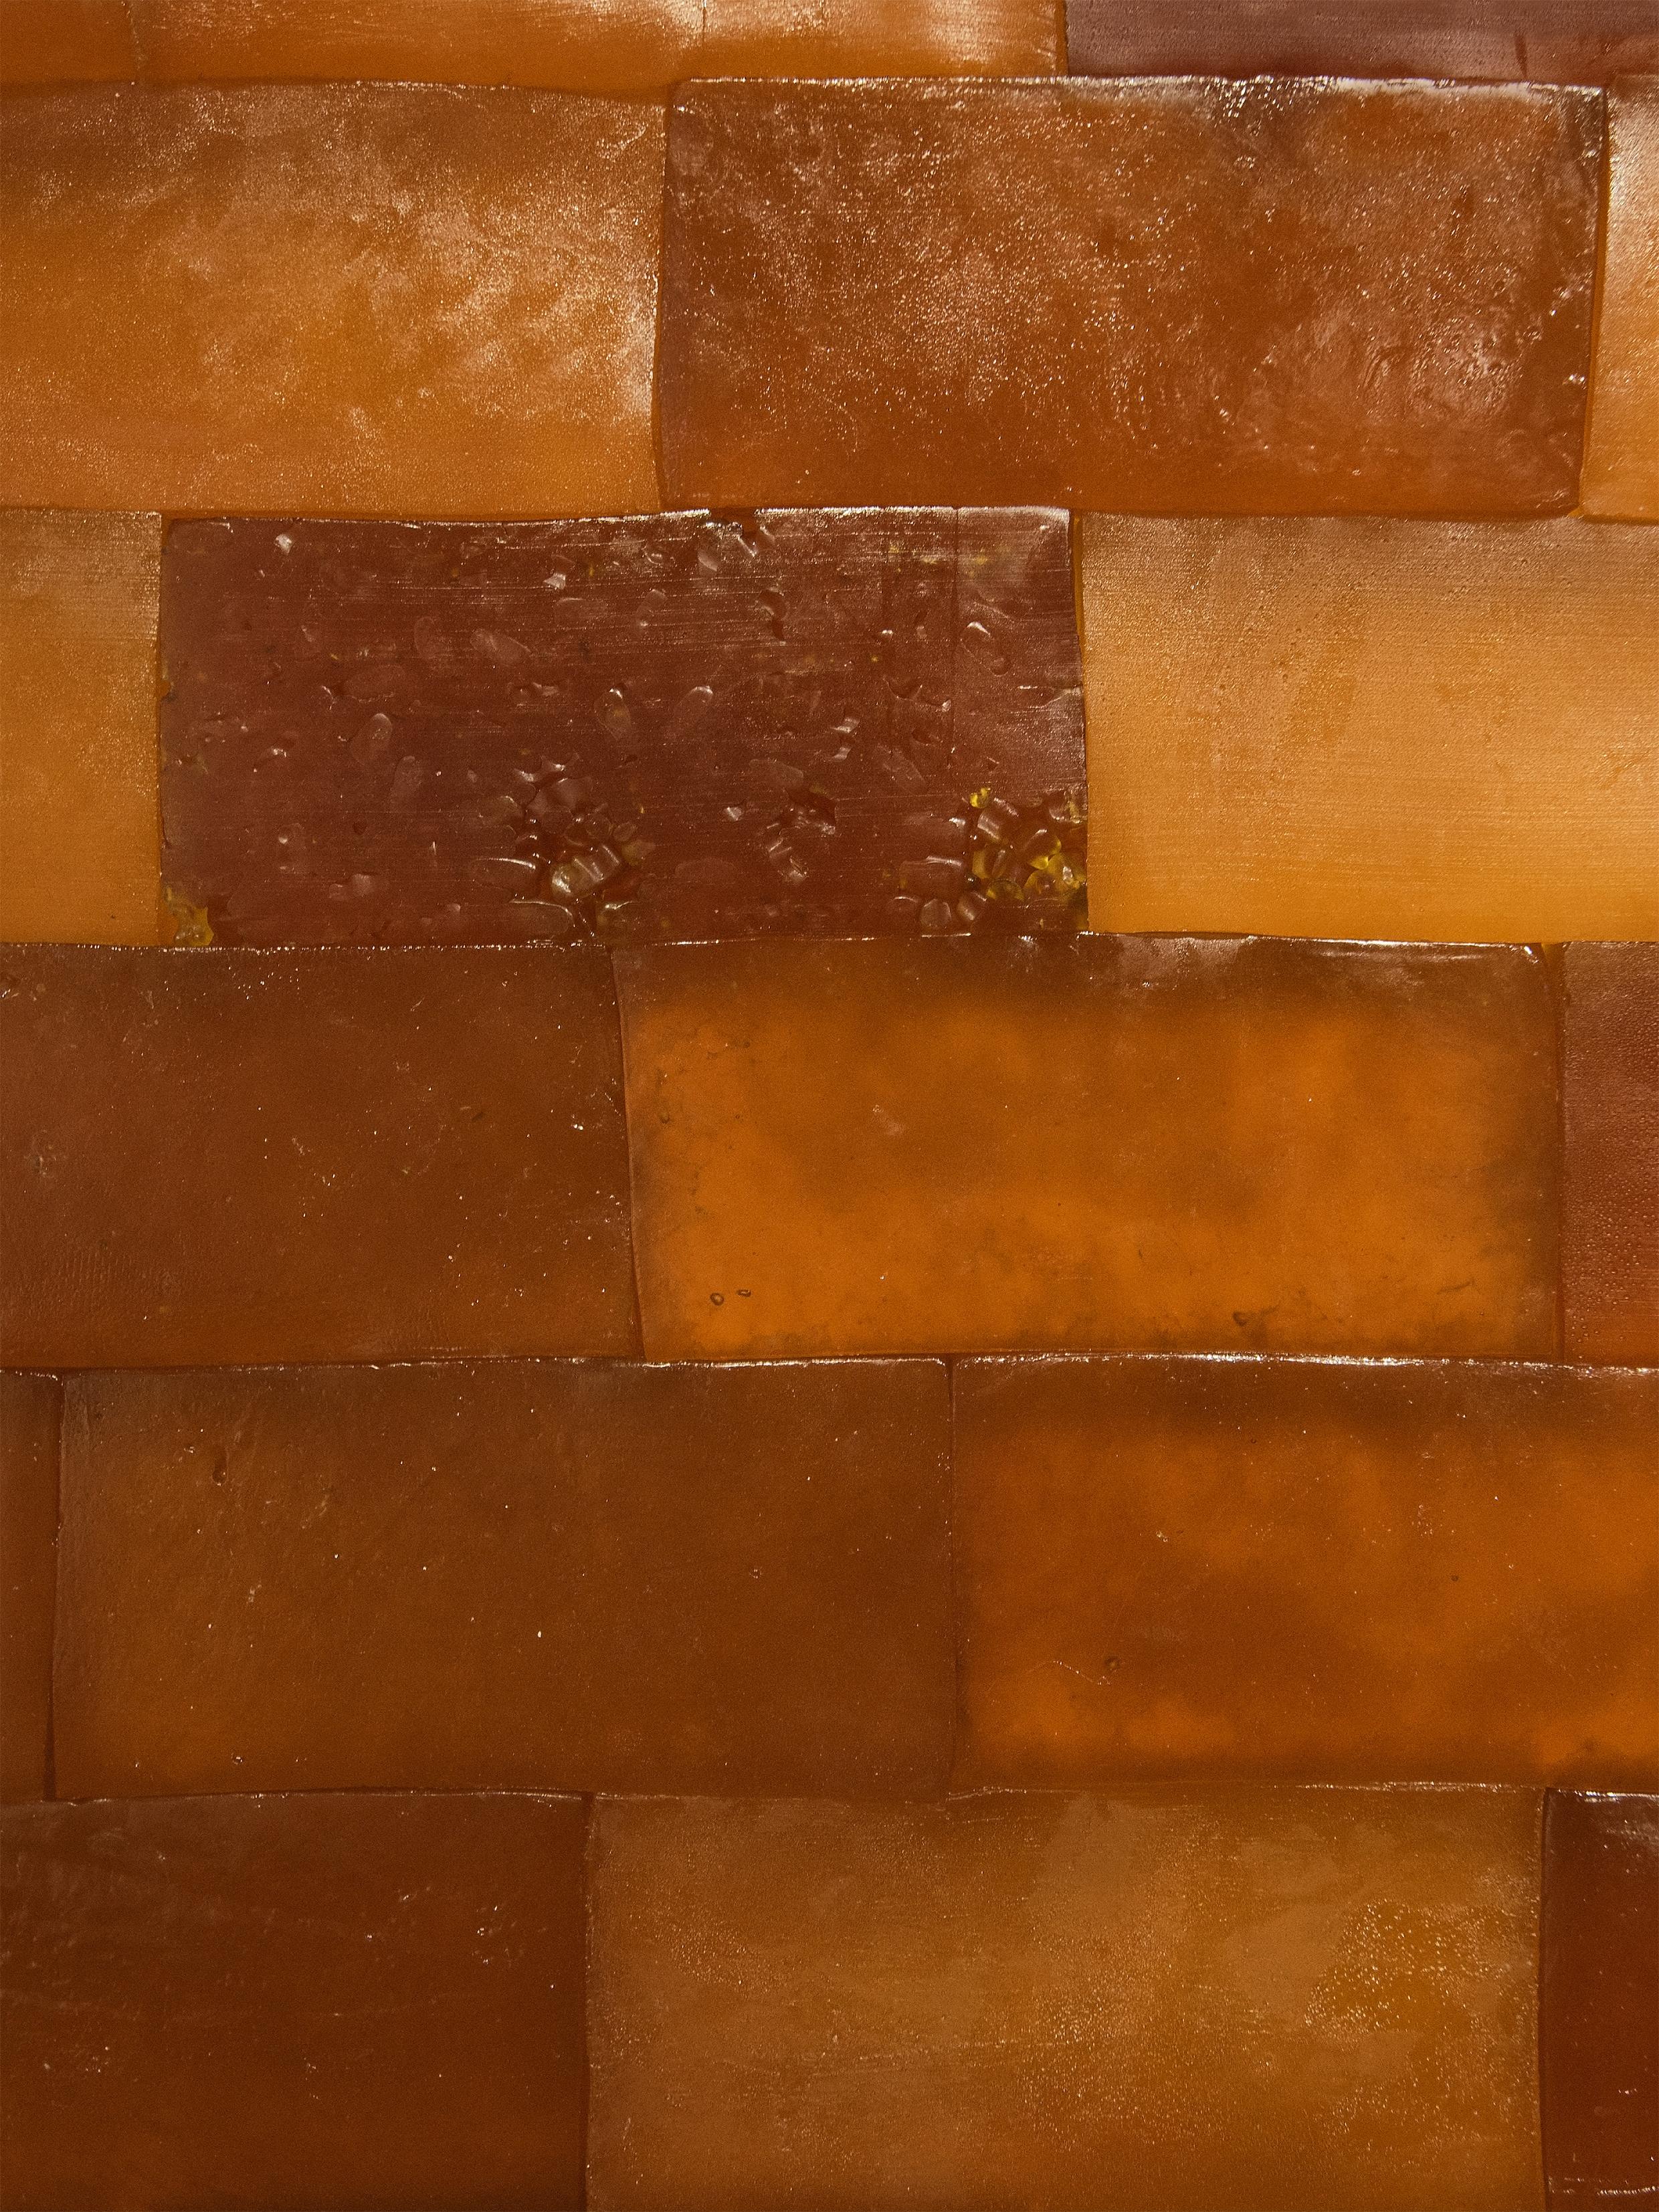 Isaac Chong Wai_Haribo Wall_Close up_HR.jpg